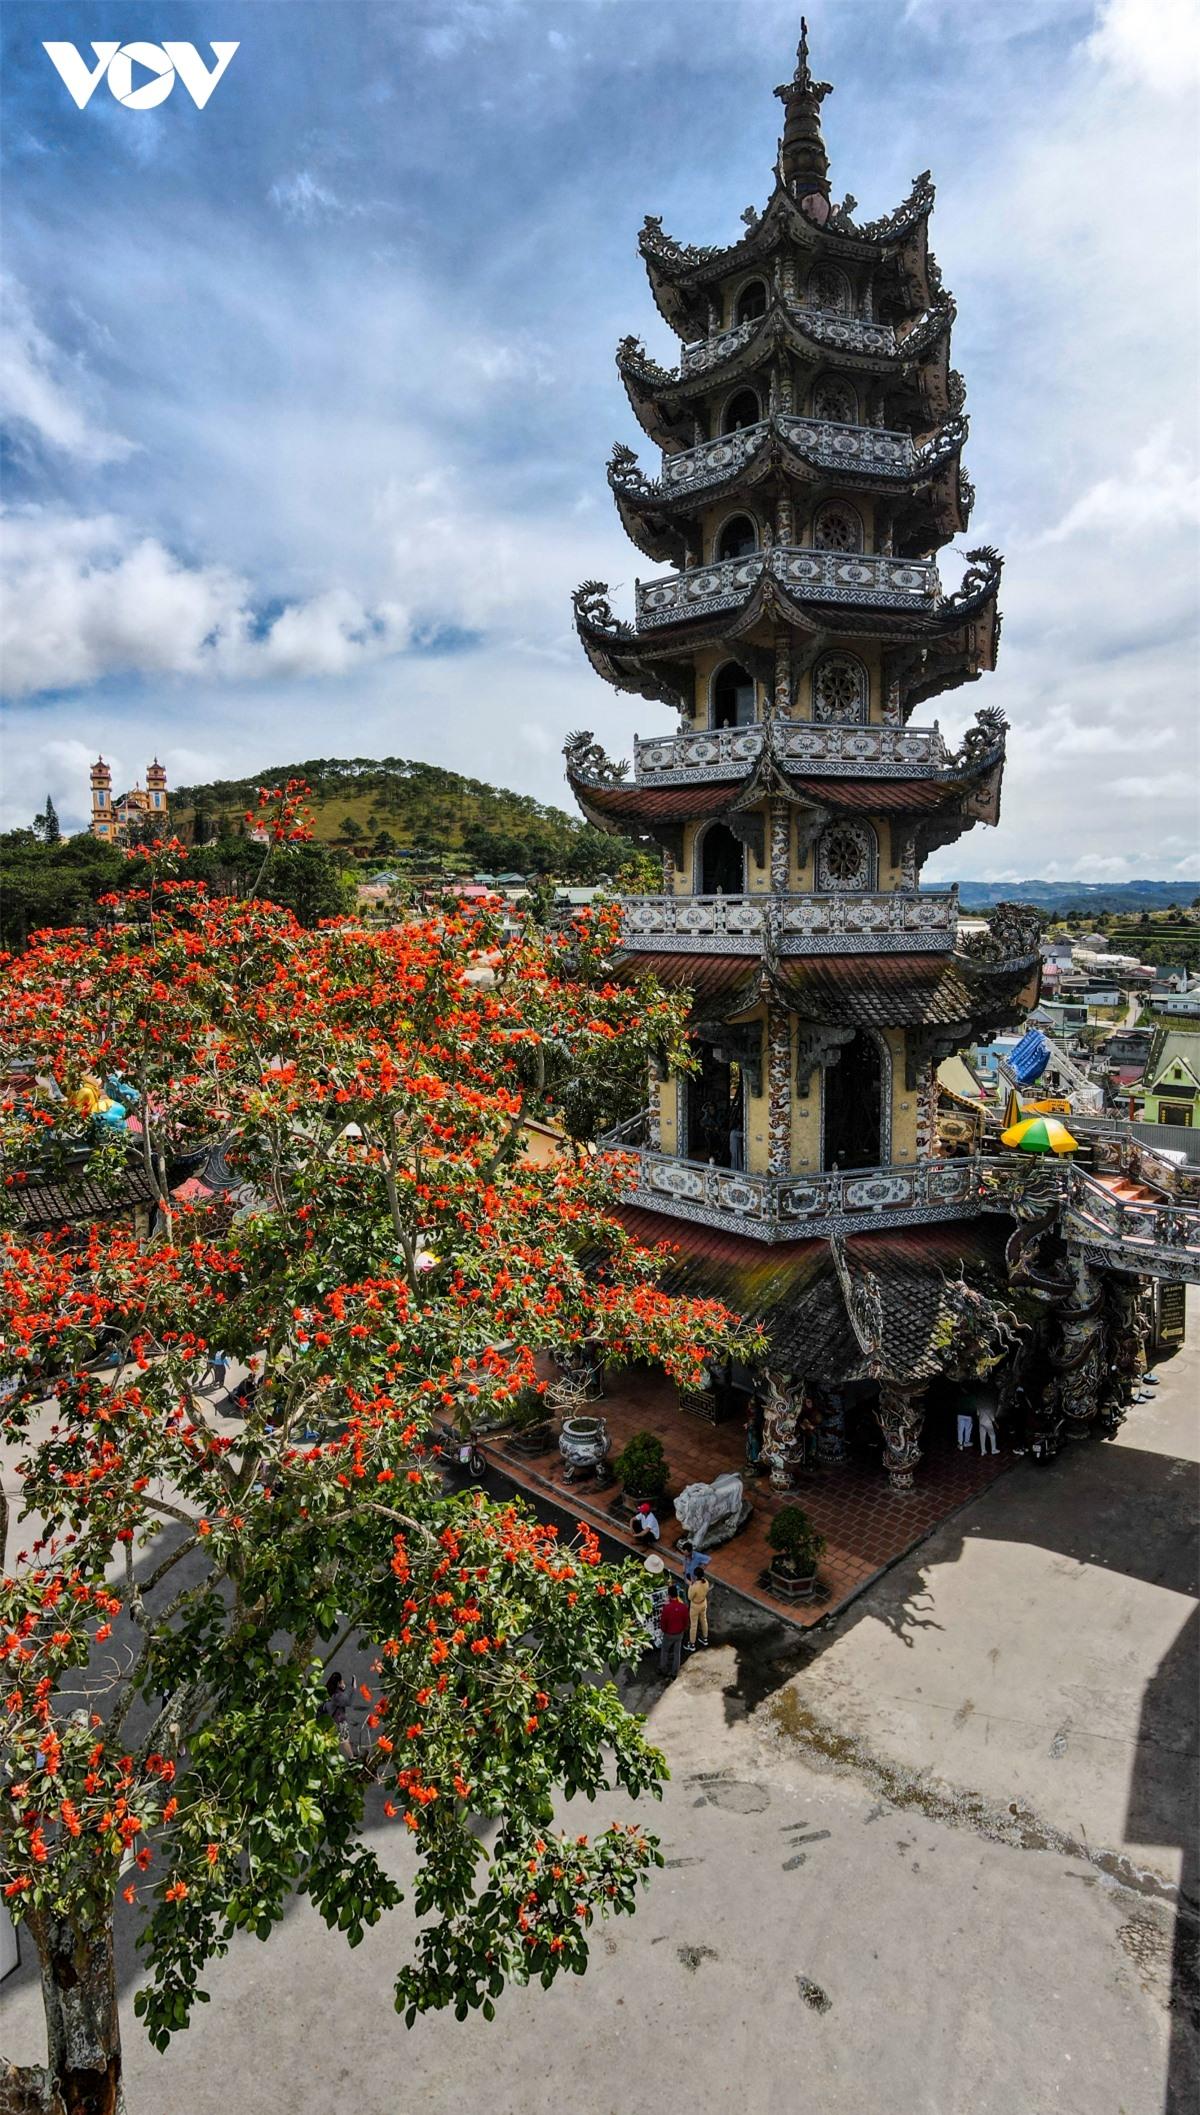 Cực độc đáo: Lạ mắt ngôi chùa bằng ve chai độc nhất vô nhị nắm giữ nhiều kỷ lục tại Lâm Đồng - Ảnh 10.